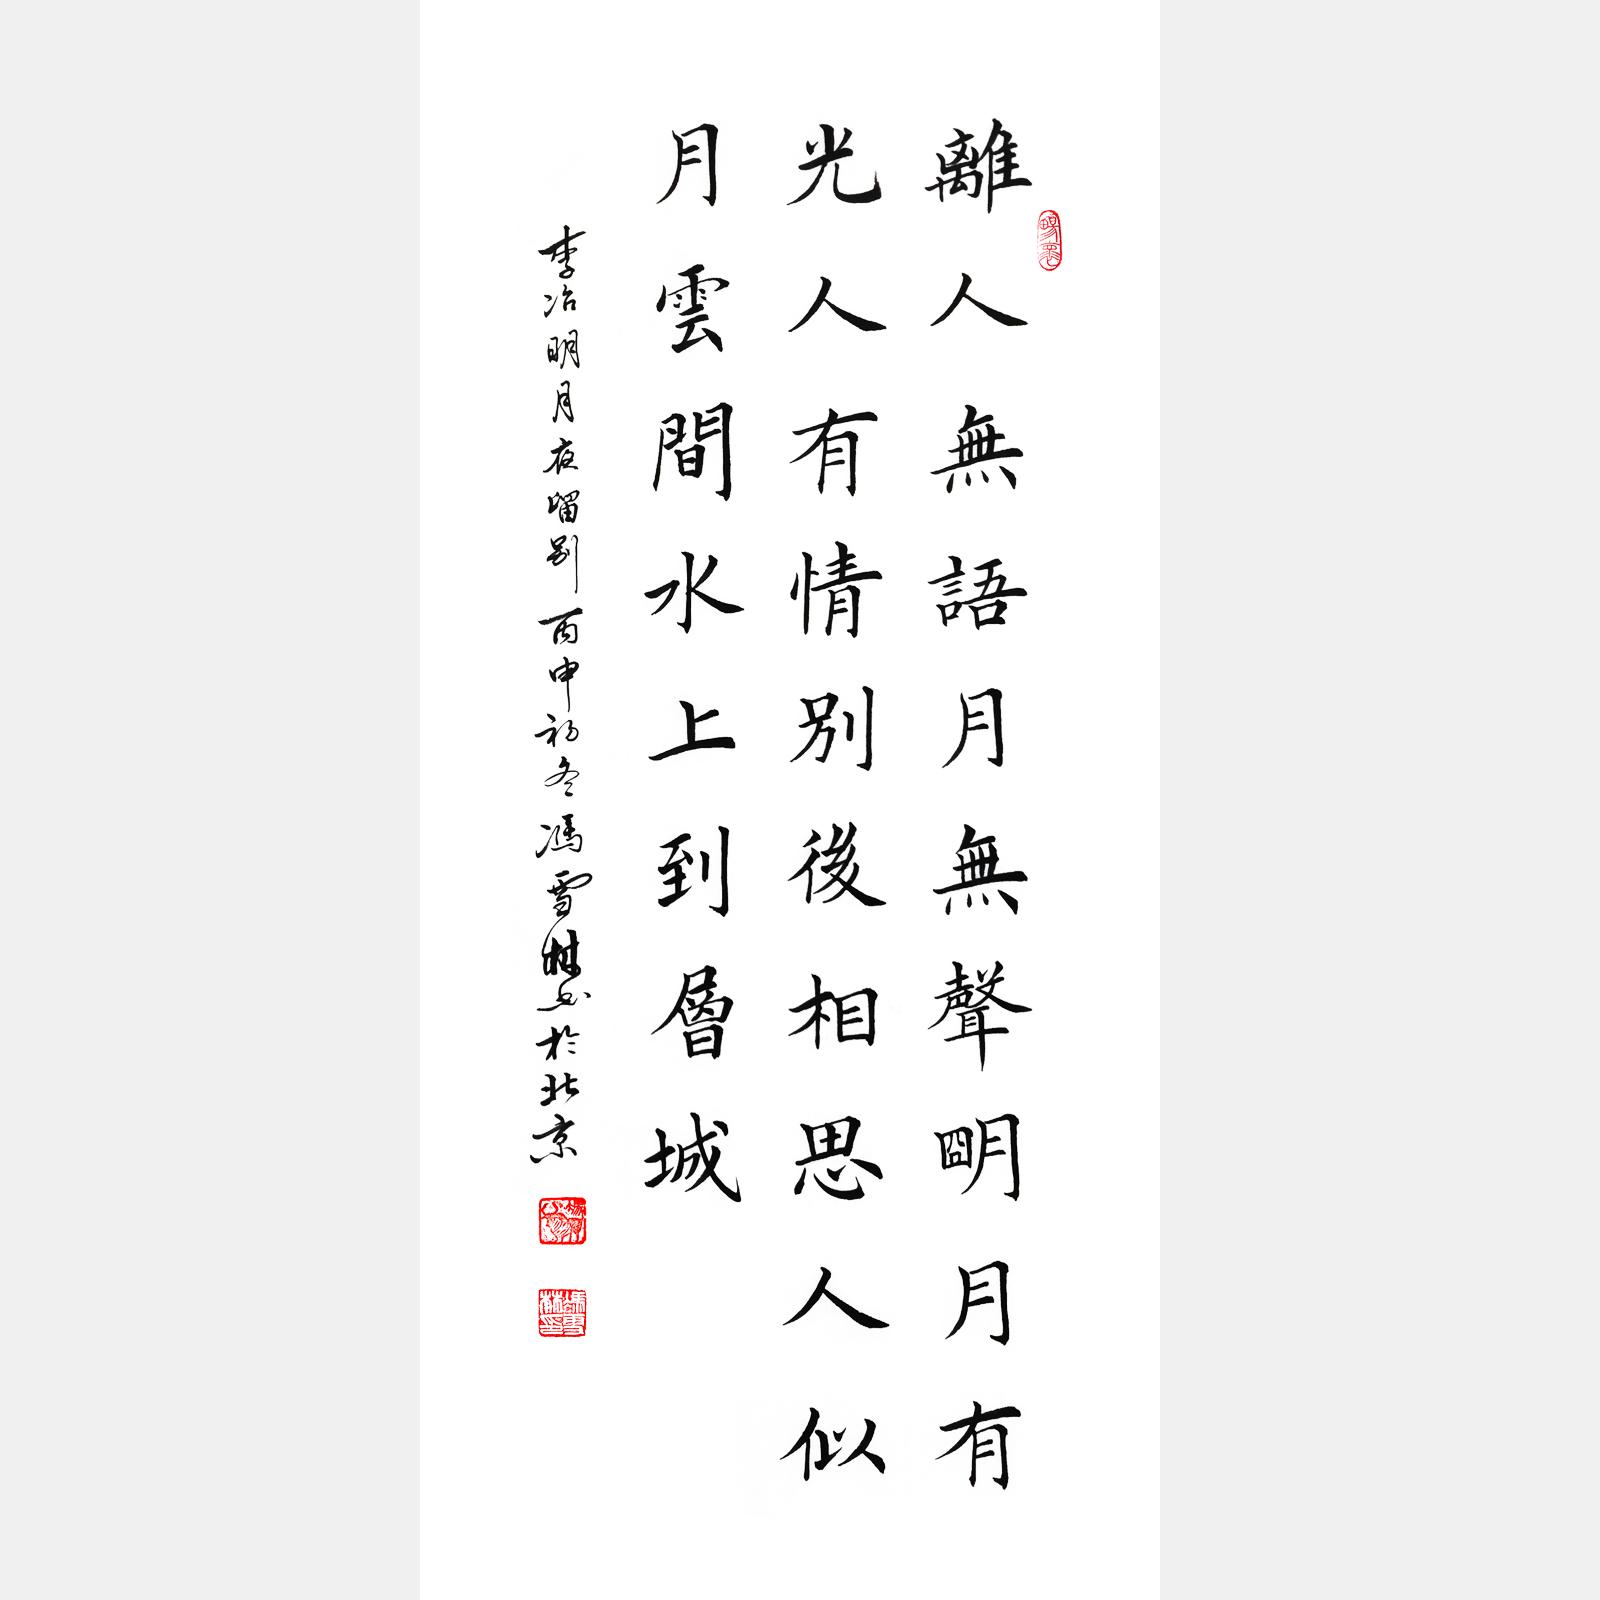 唐代女诗人李治《明月夜留别》书法作品